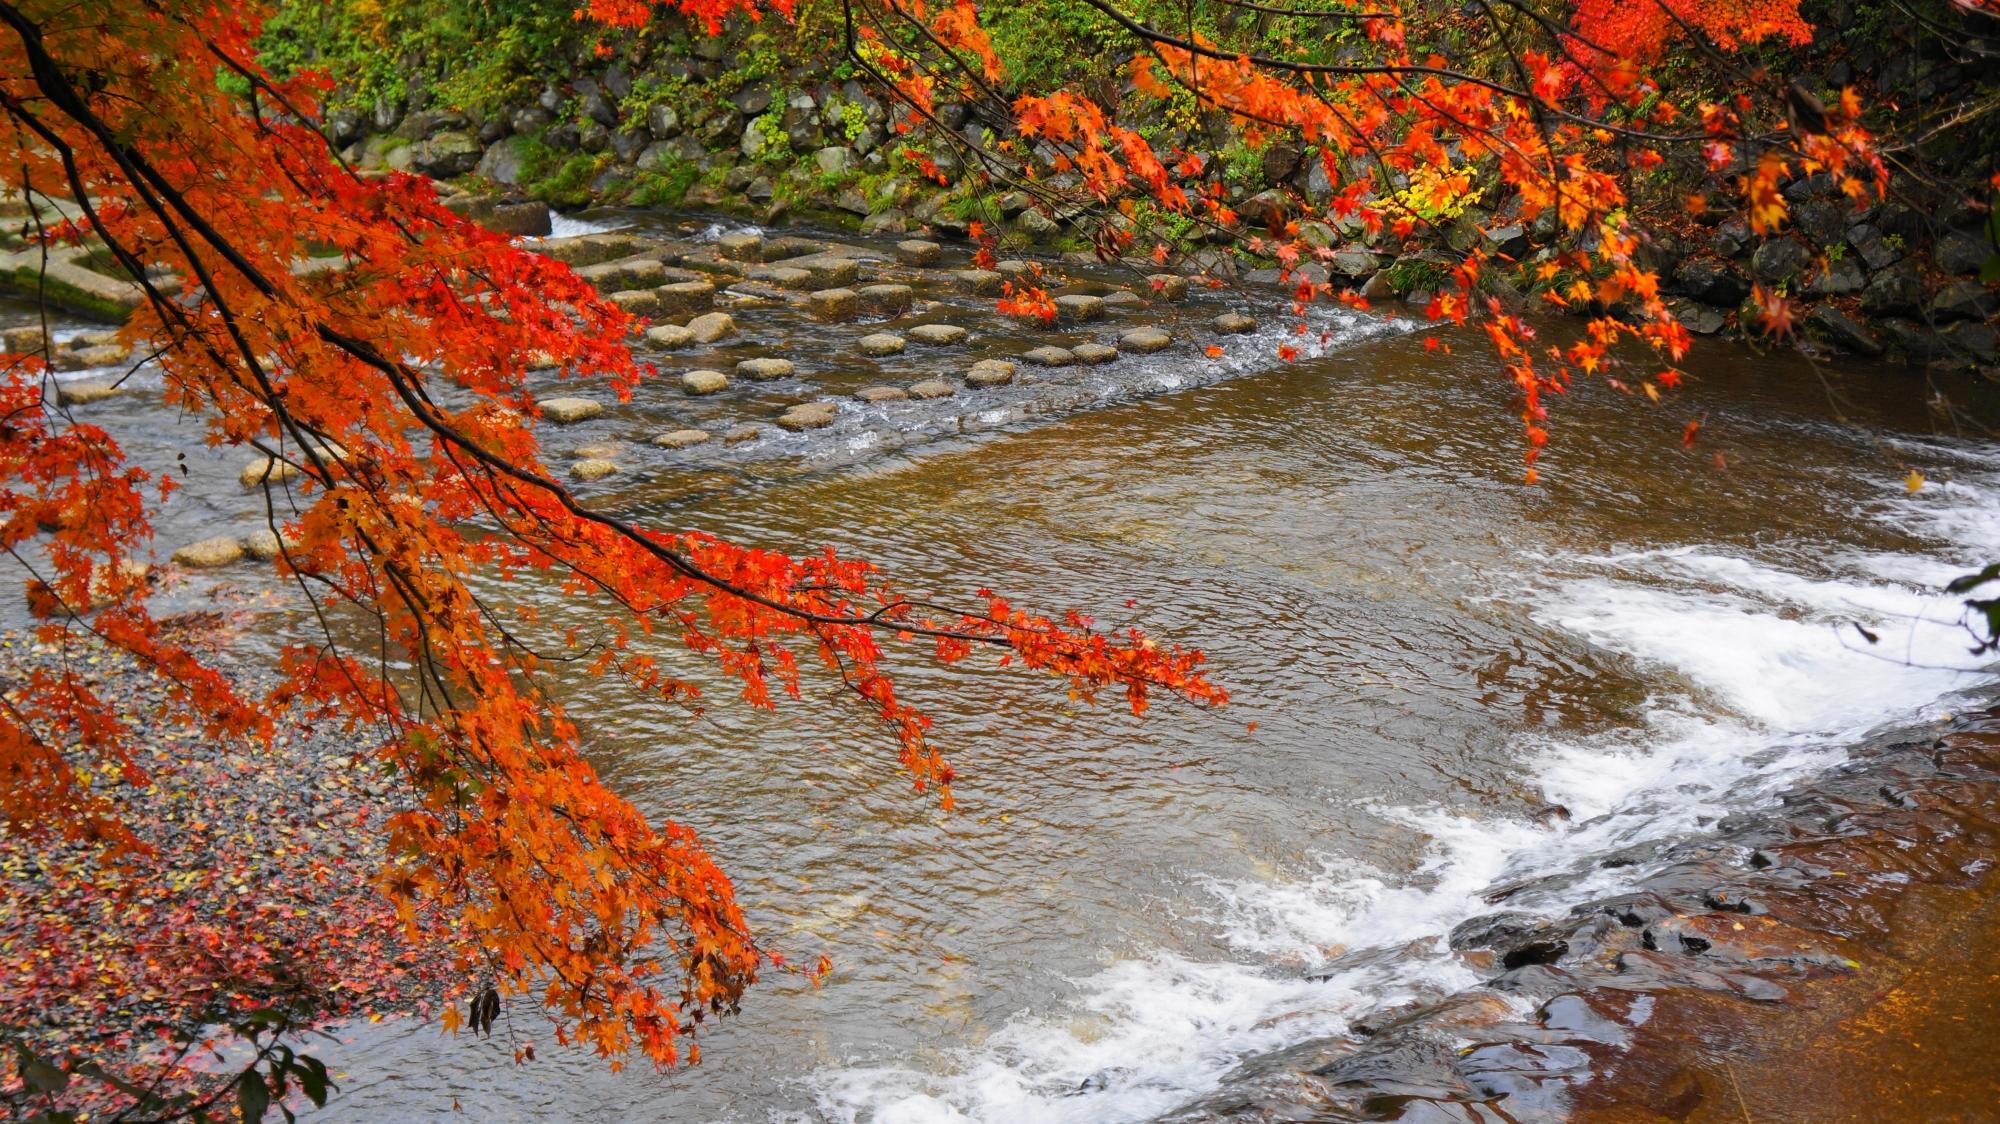 高野川の水辺の華やかな紅葉